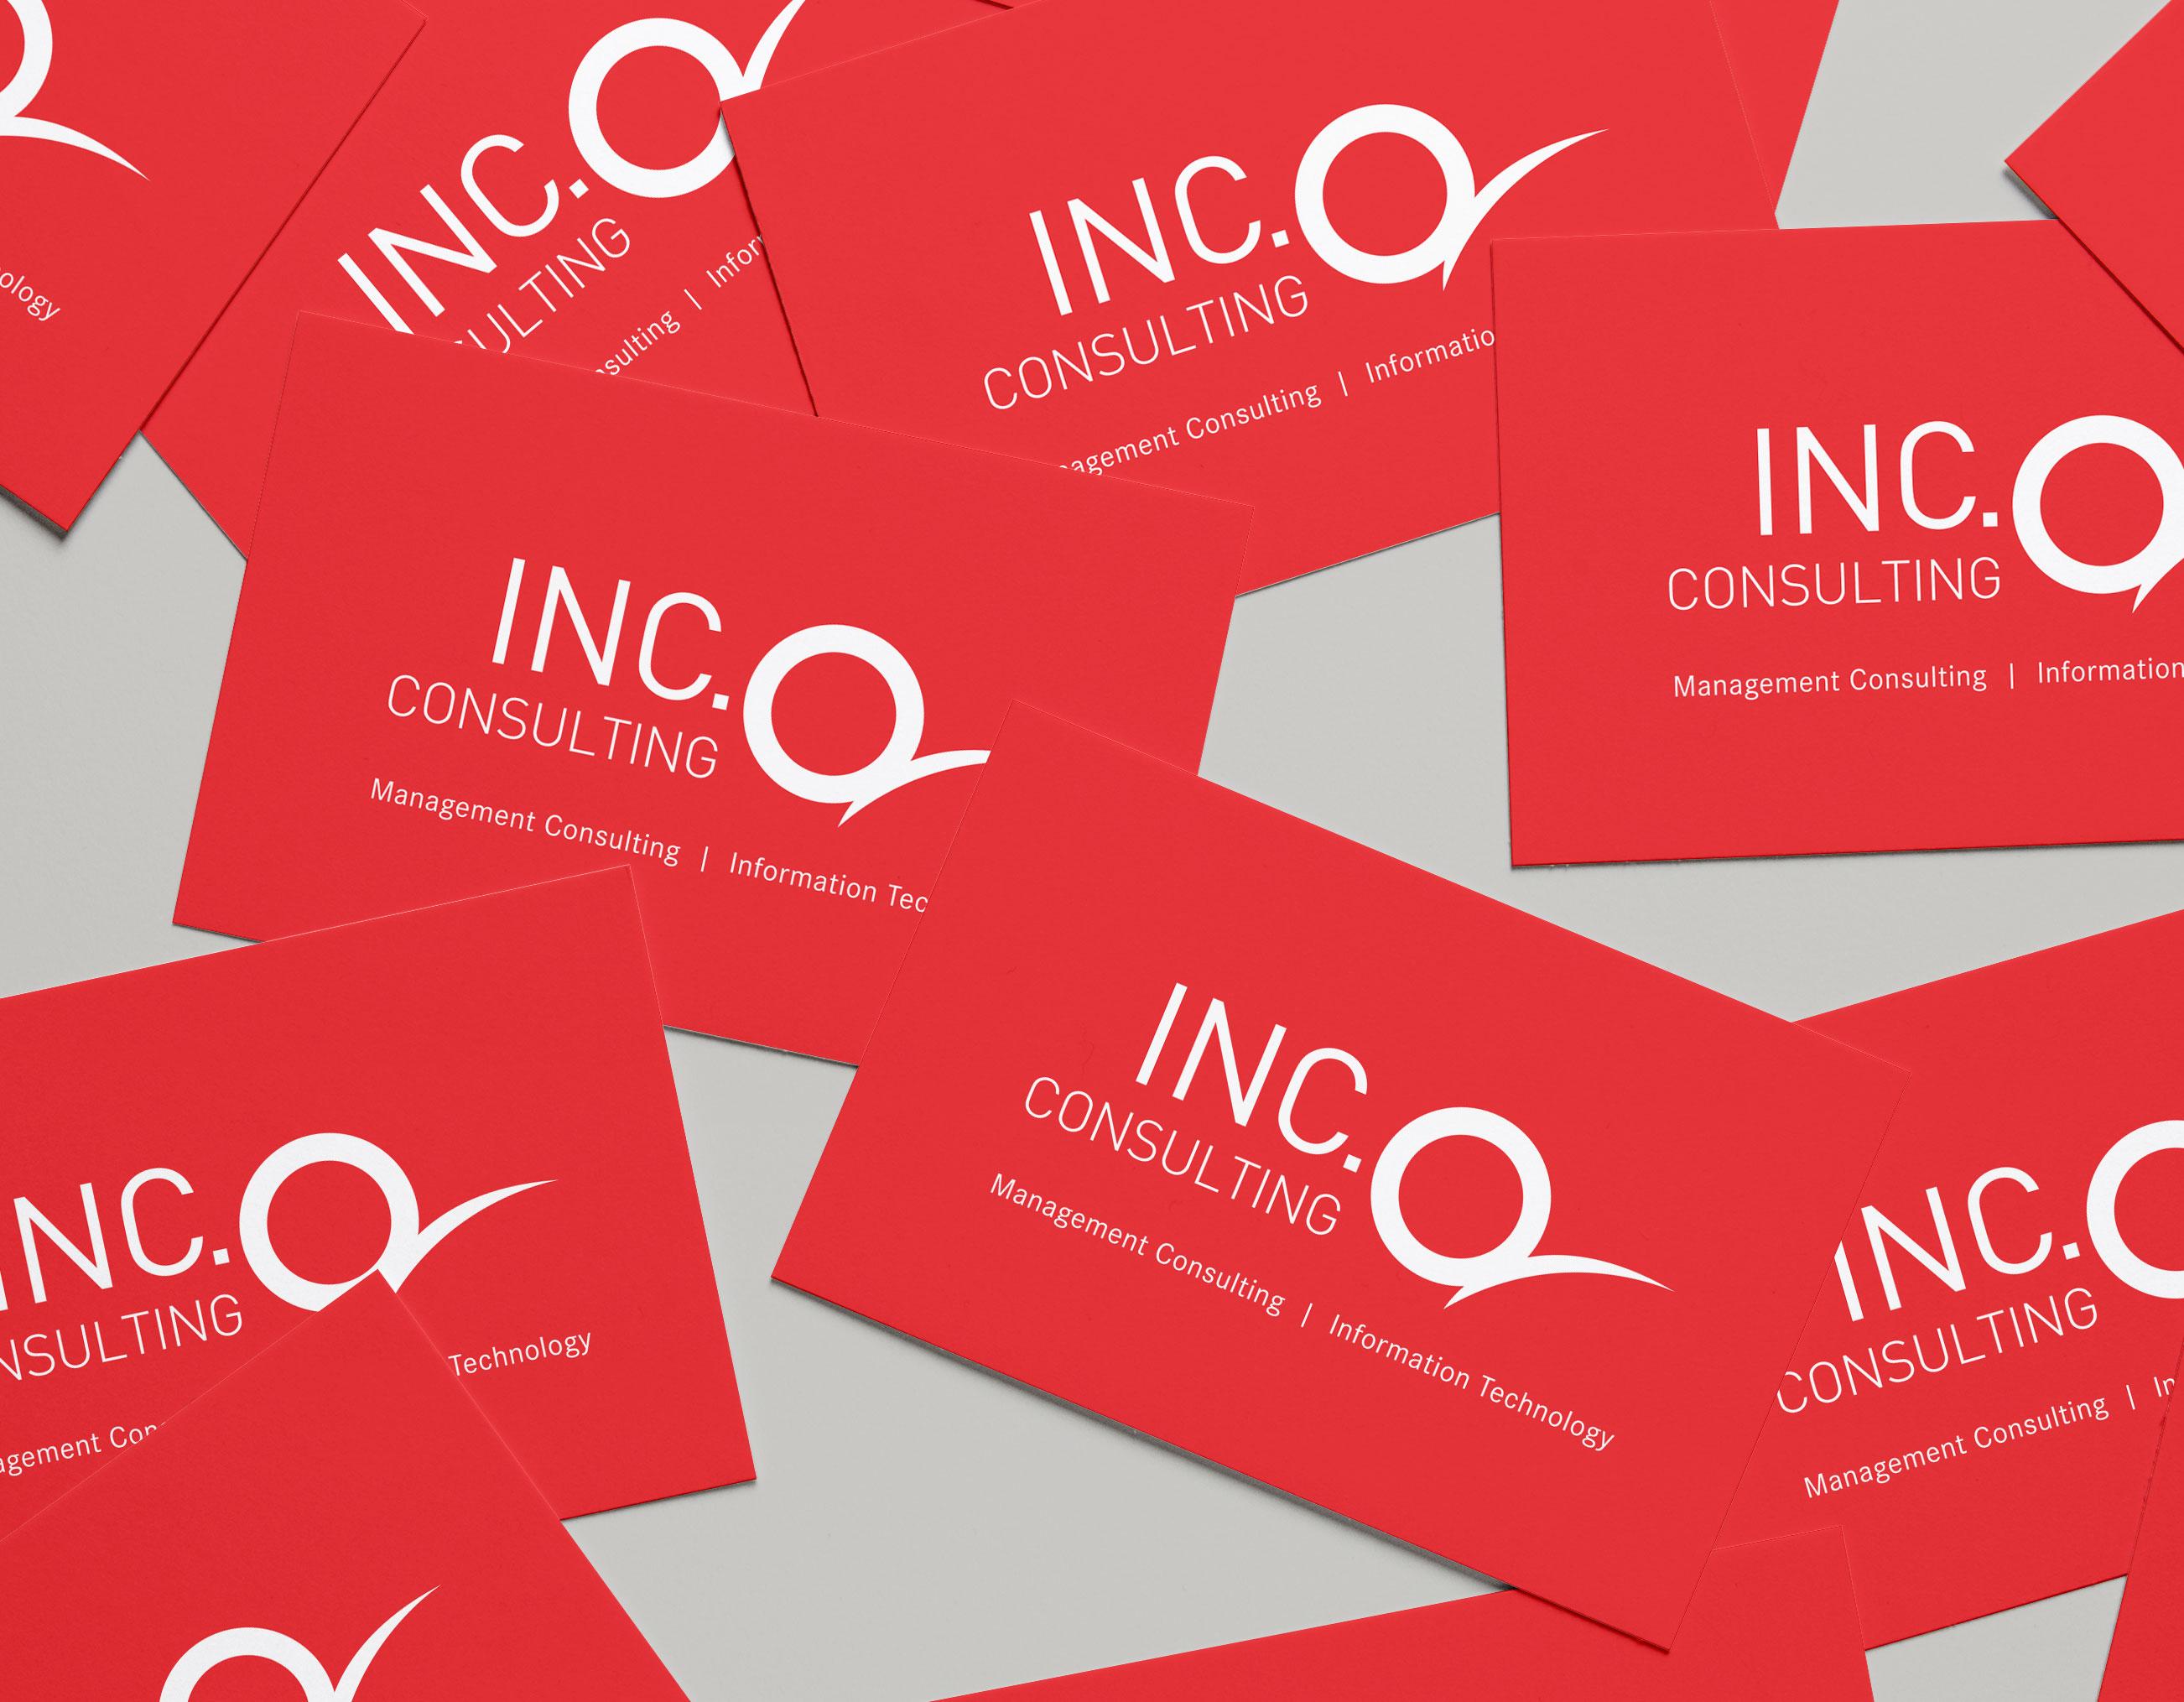 IncQ Consulting